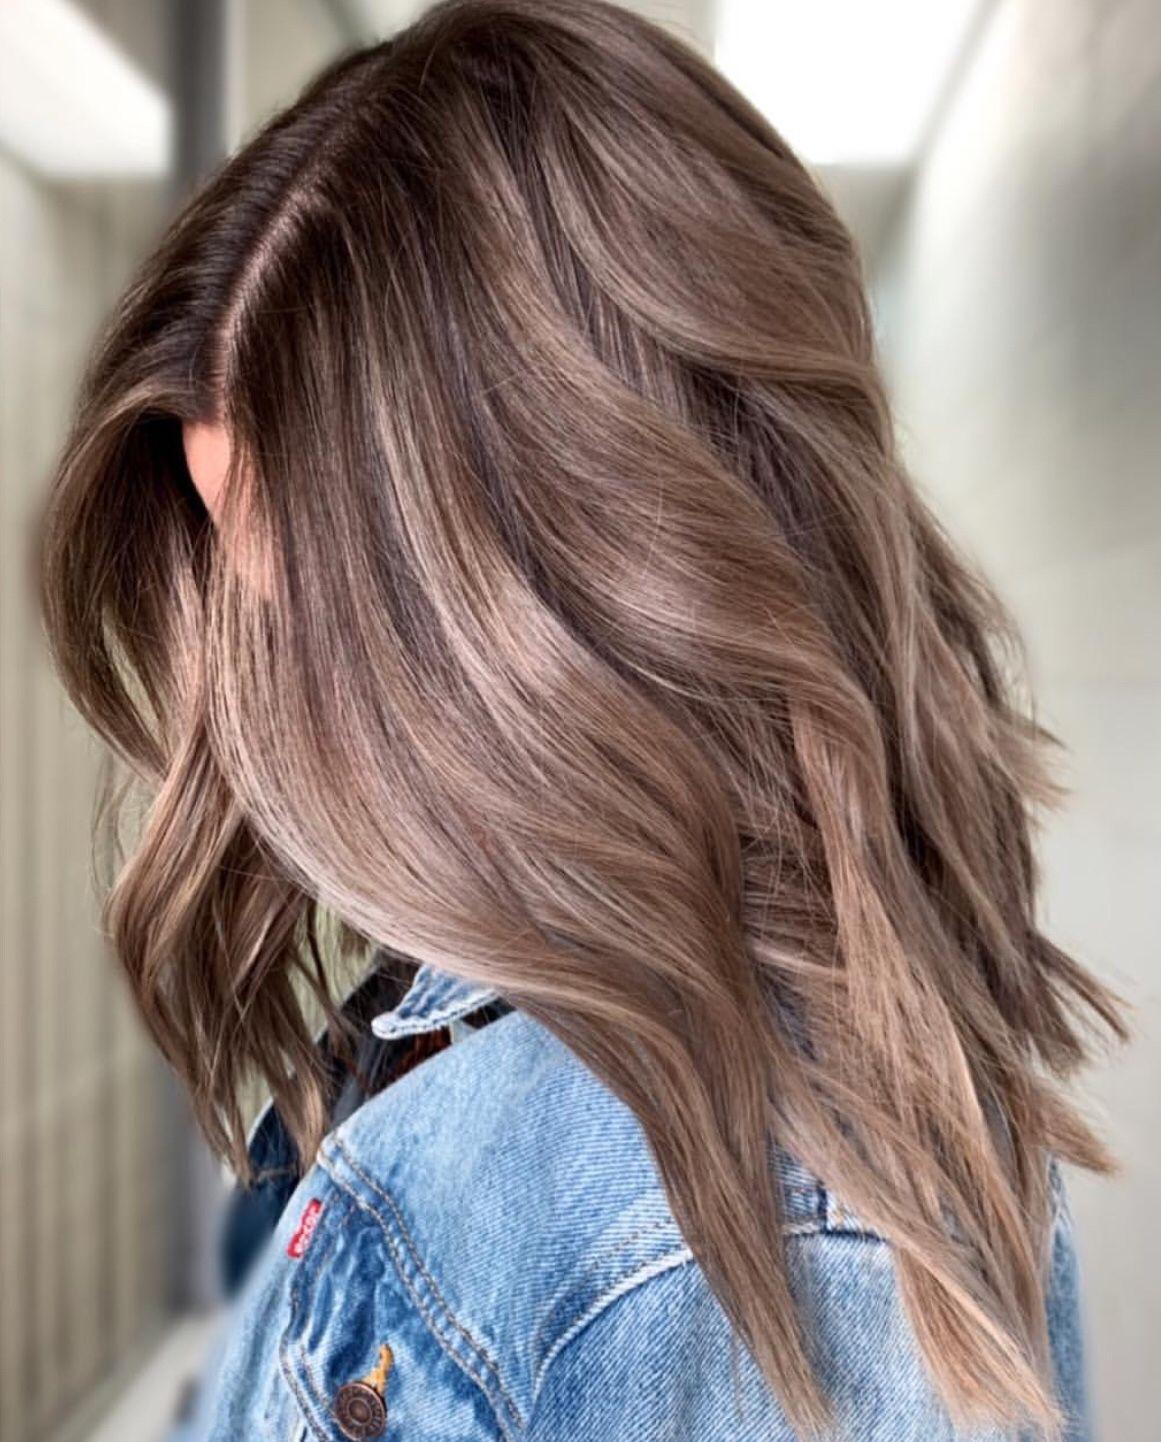 färga håret brunt